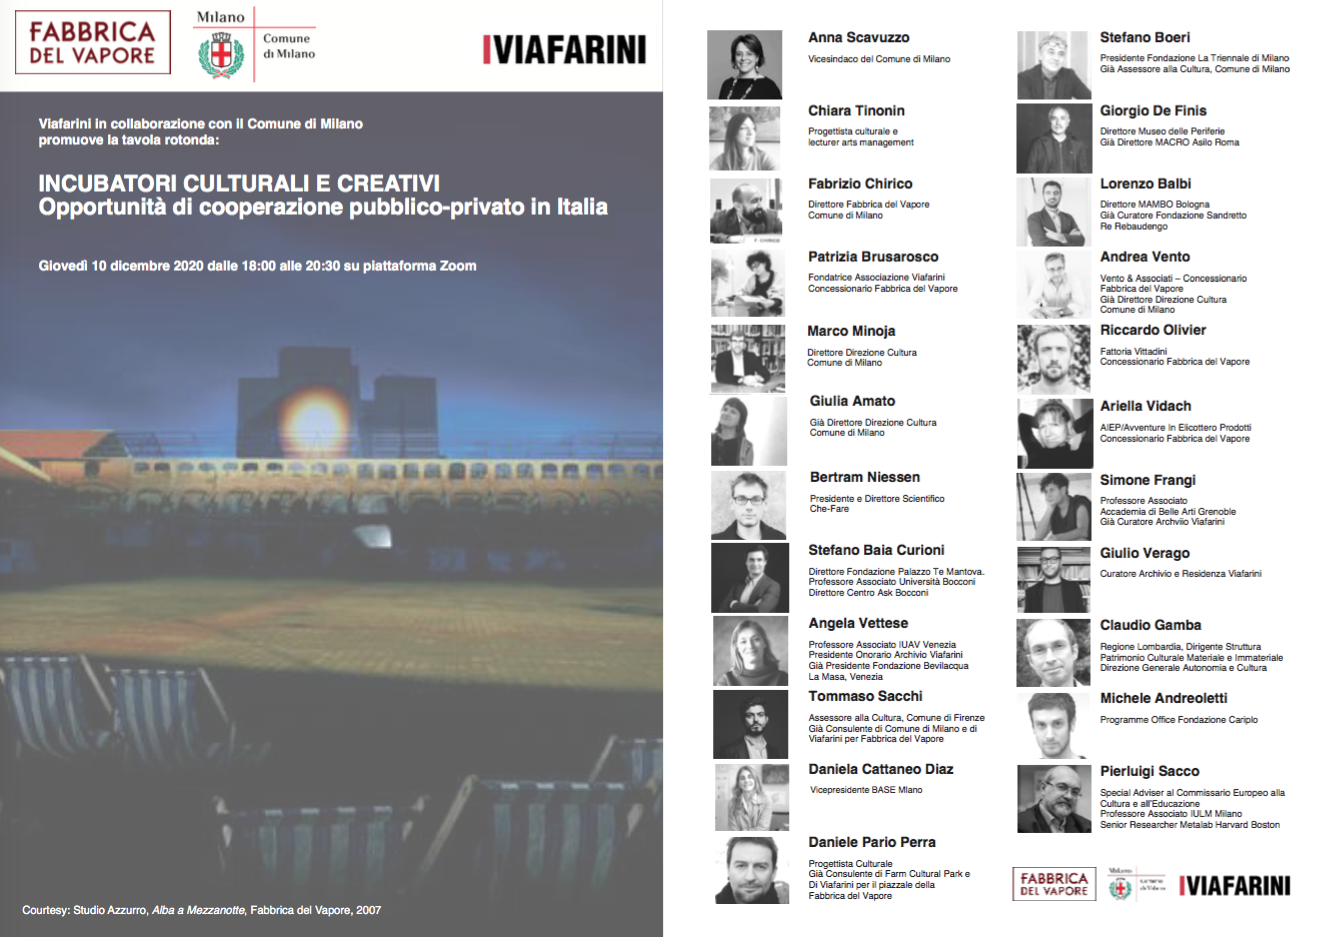 Incubatori culturali e creativi. Opportunità di cooperazione pubblico-privato in Italia.